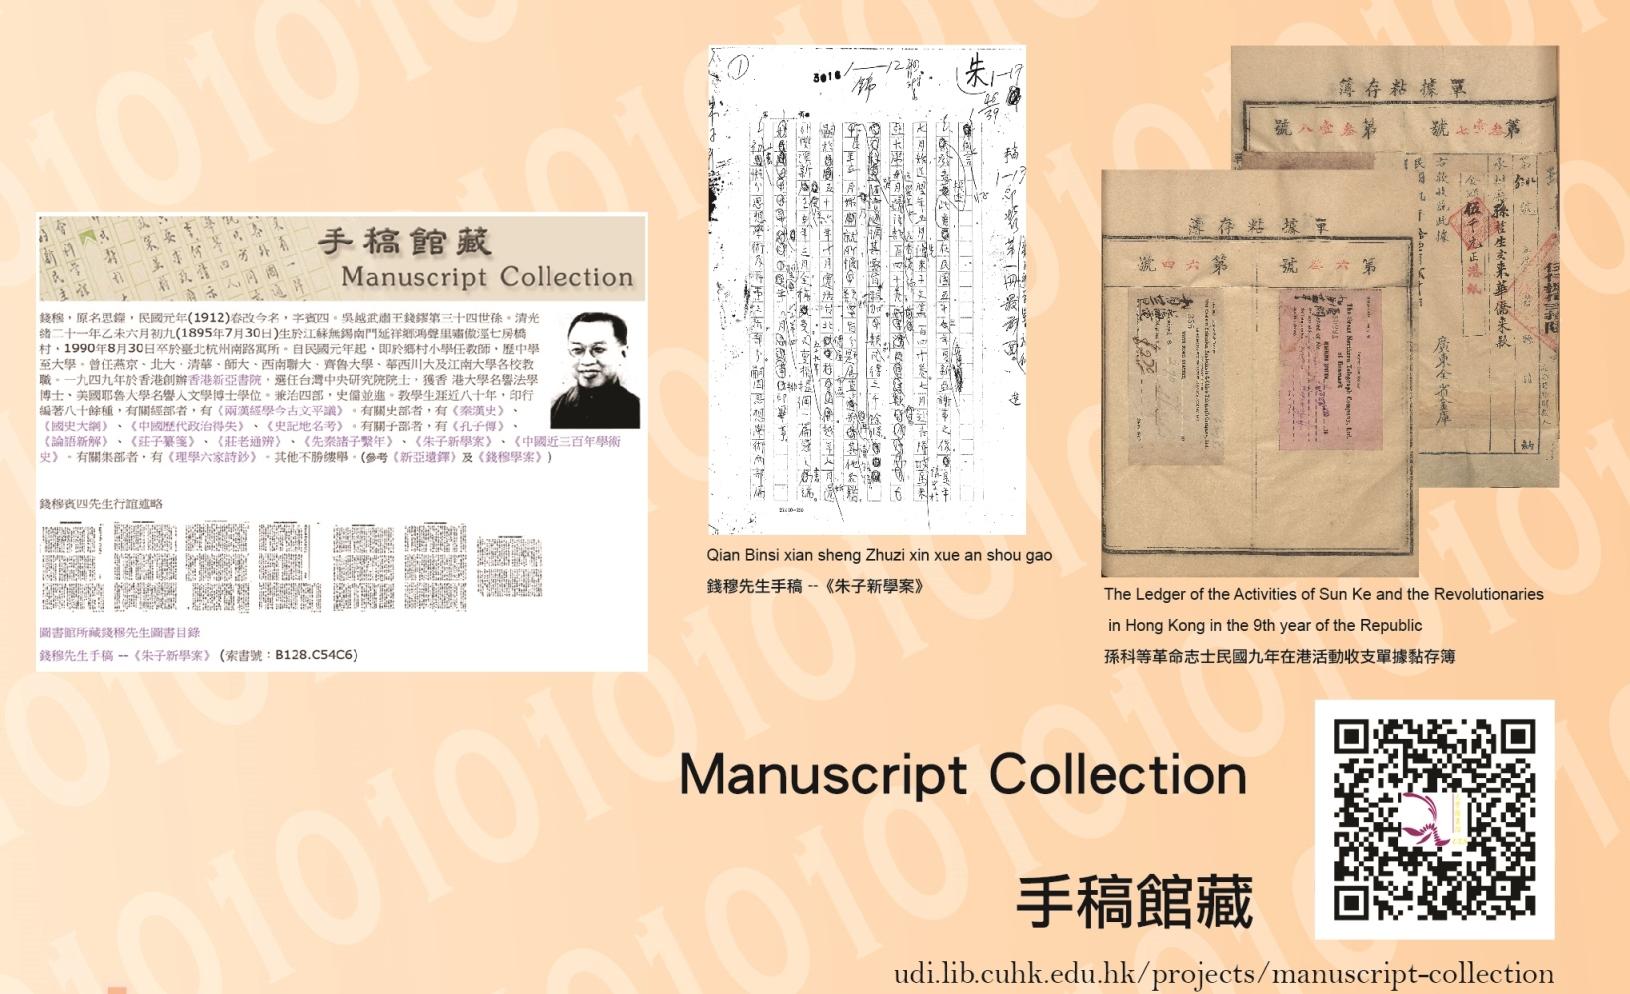 馆藏手稿的电子图像